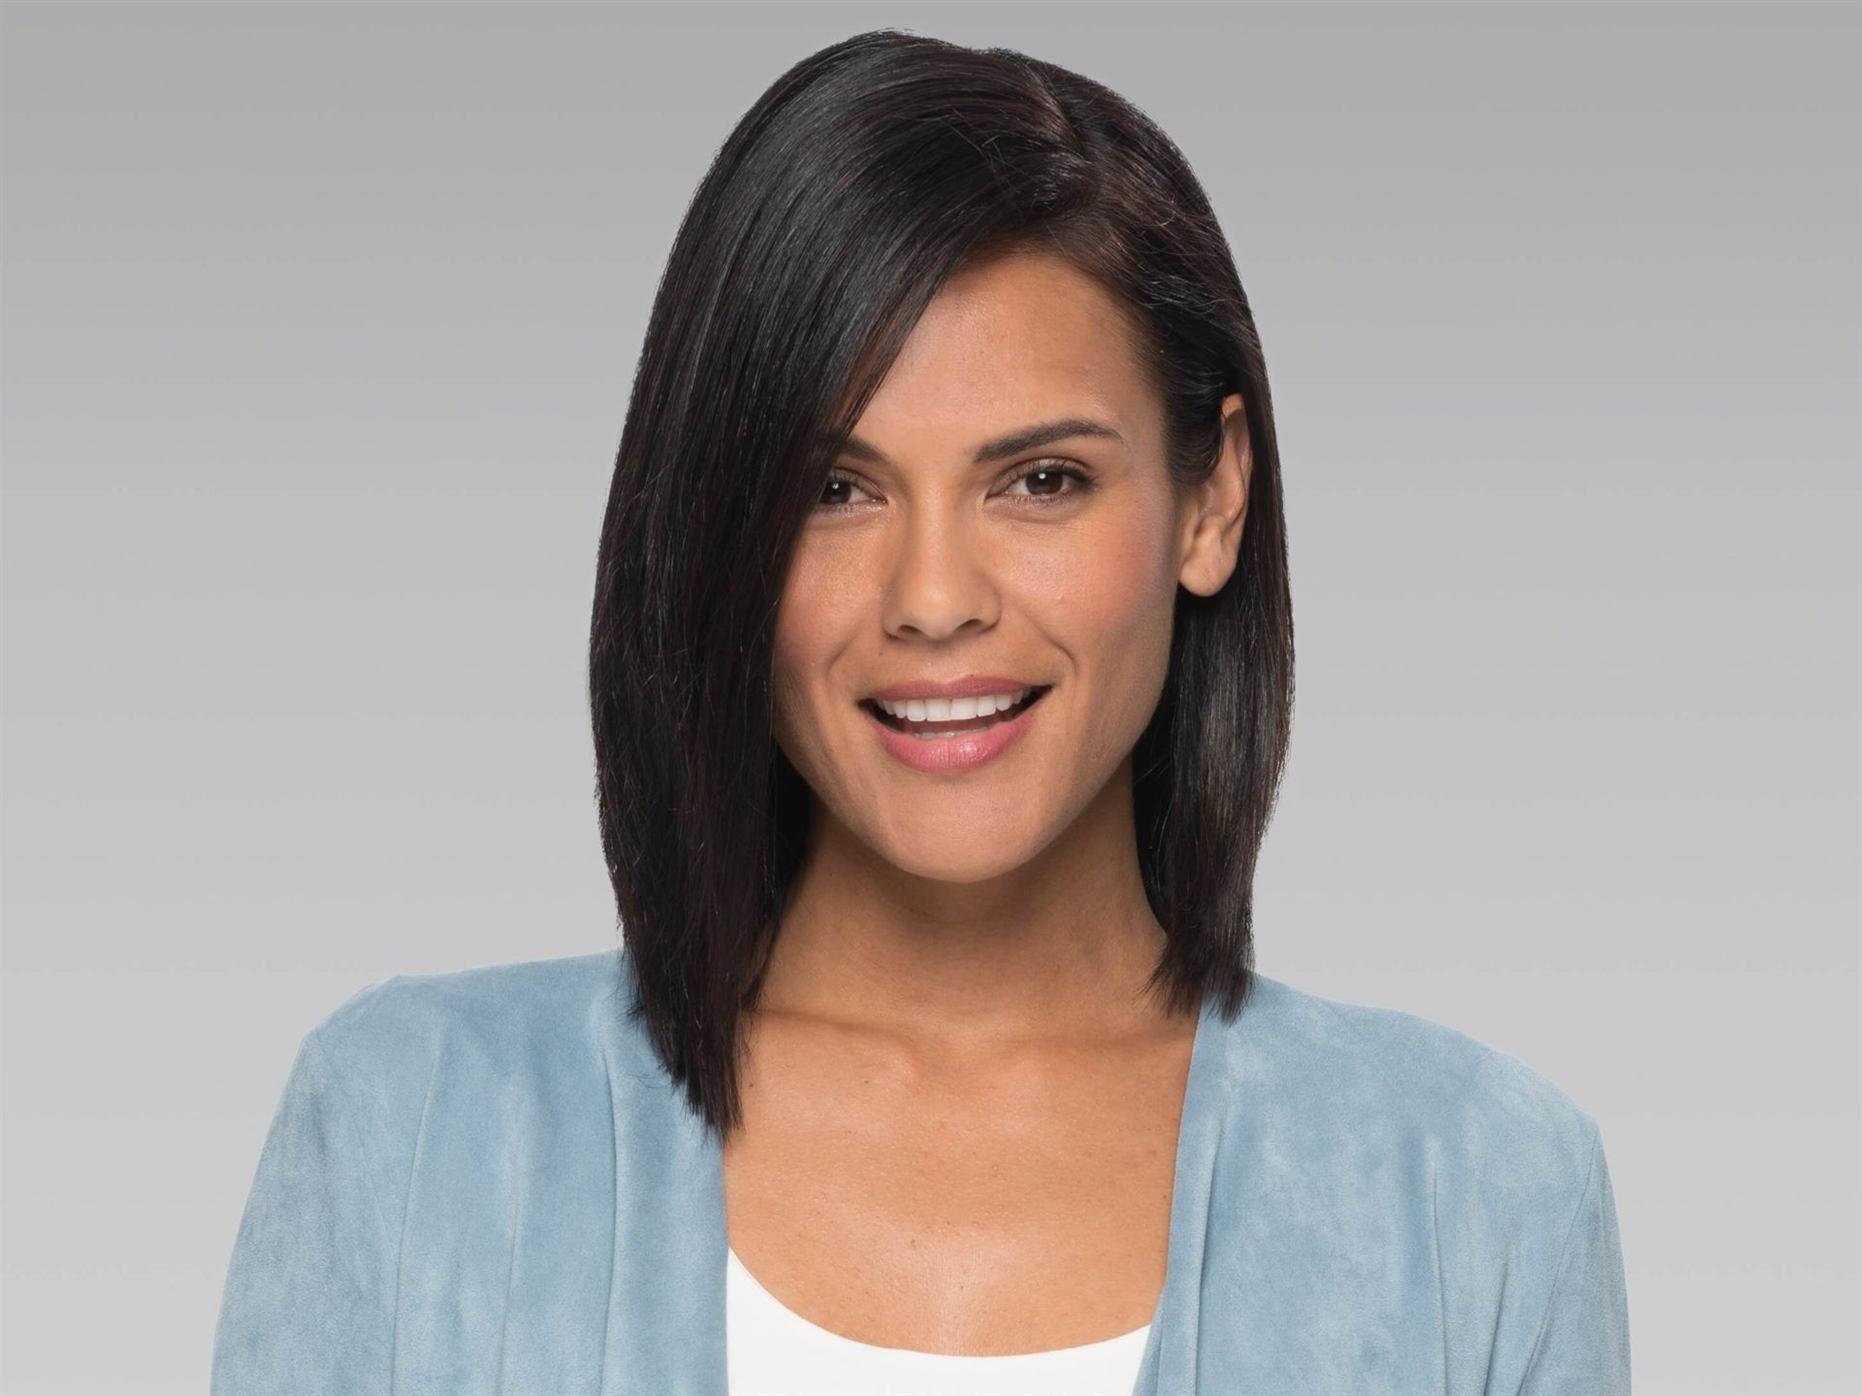 Frisuren Bob Stufig Lang Zu den Vorteilen einer Bob-Frisur gehört die Fähigkeit, Gesichtszüge zu korrigieren. Dank der Form und Technologie des Haarschnitts kann jeder Friseur die Strähnen so anordnen, dass sie die Augen betonen oder die Gesichtsform optisch verändern. Besitzer eines runden Gesichts wählen diesen Haarschnitt häufig, um ihn optisch länger zu machen.